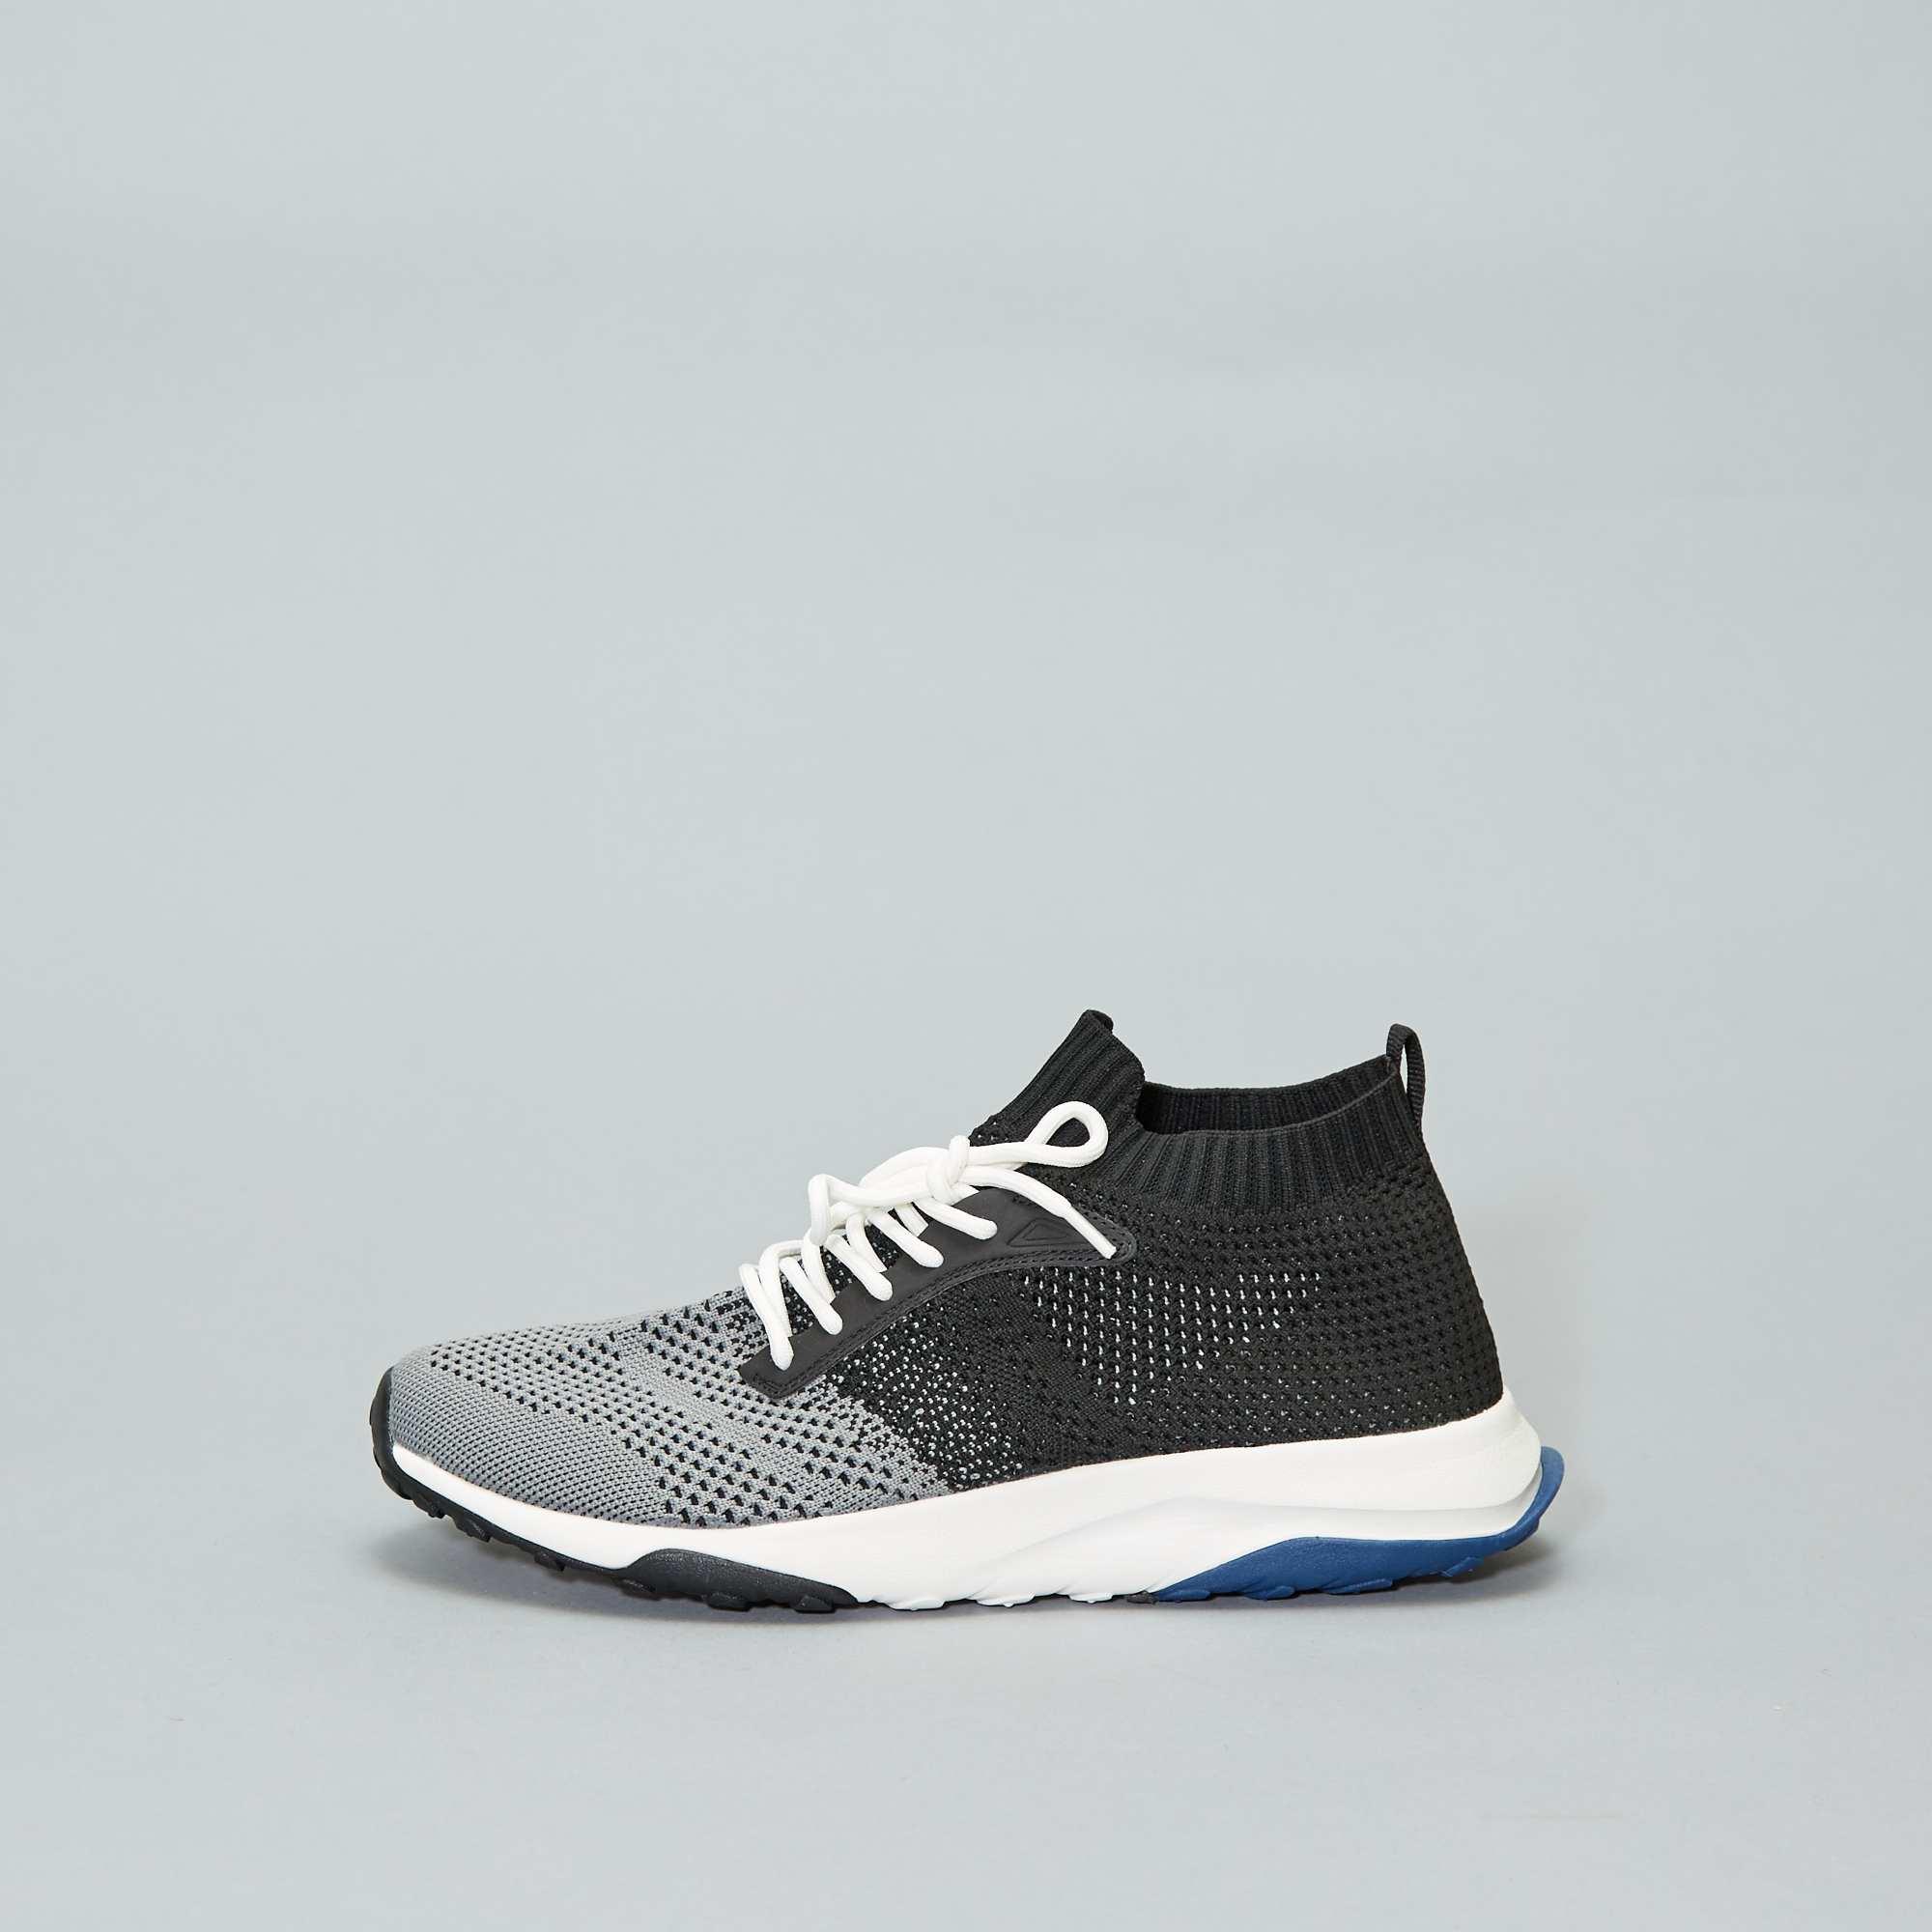 b0cd17fc9d0 Zapatillas deportivas altas tipo calcetines Hombre - negro - Kiabi ...